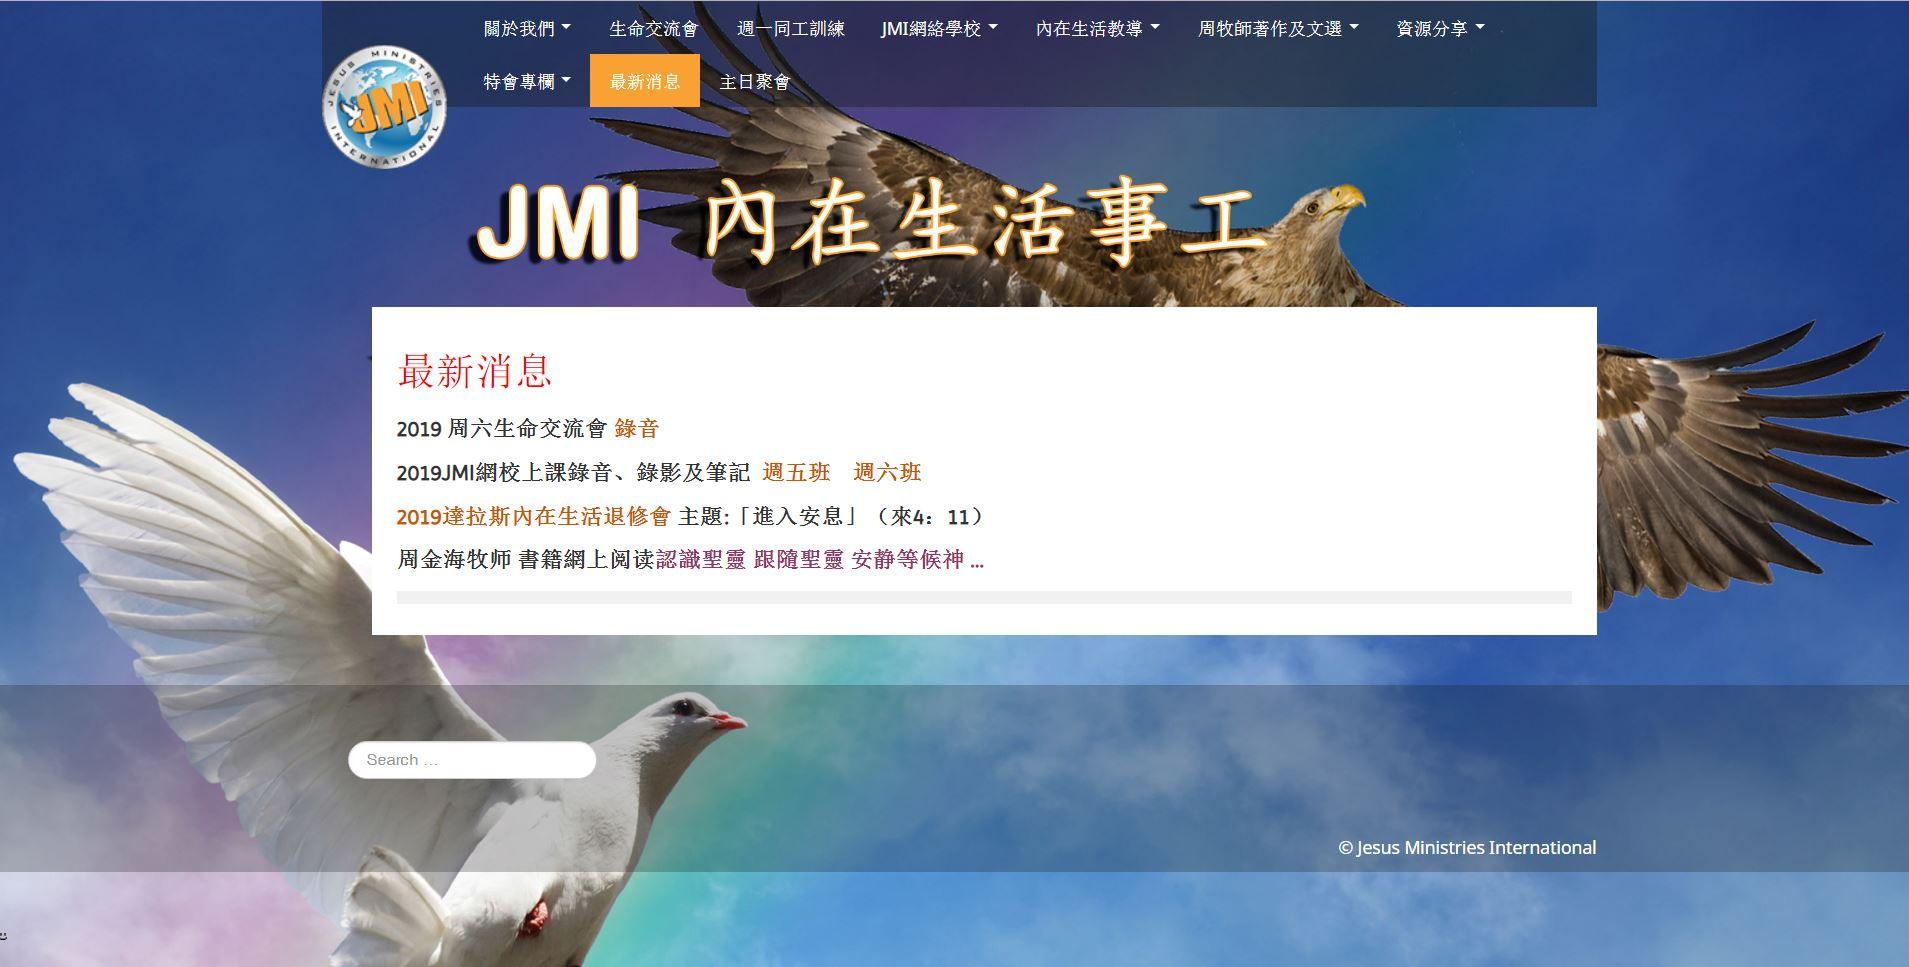 www.jmiinnerlife.org